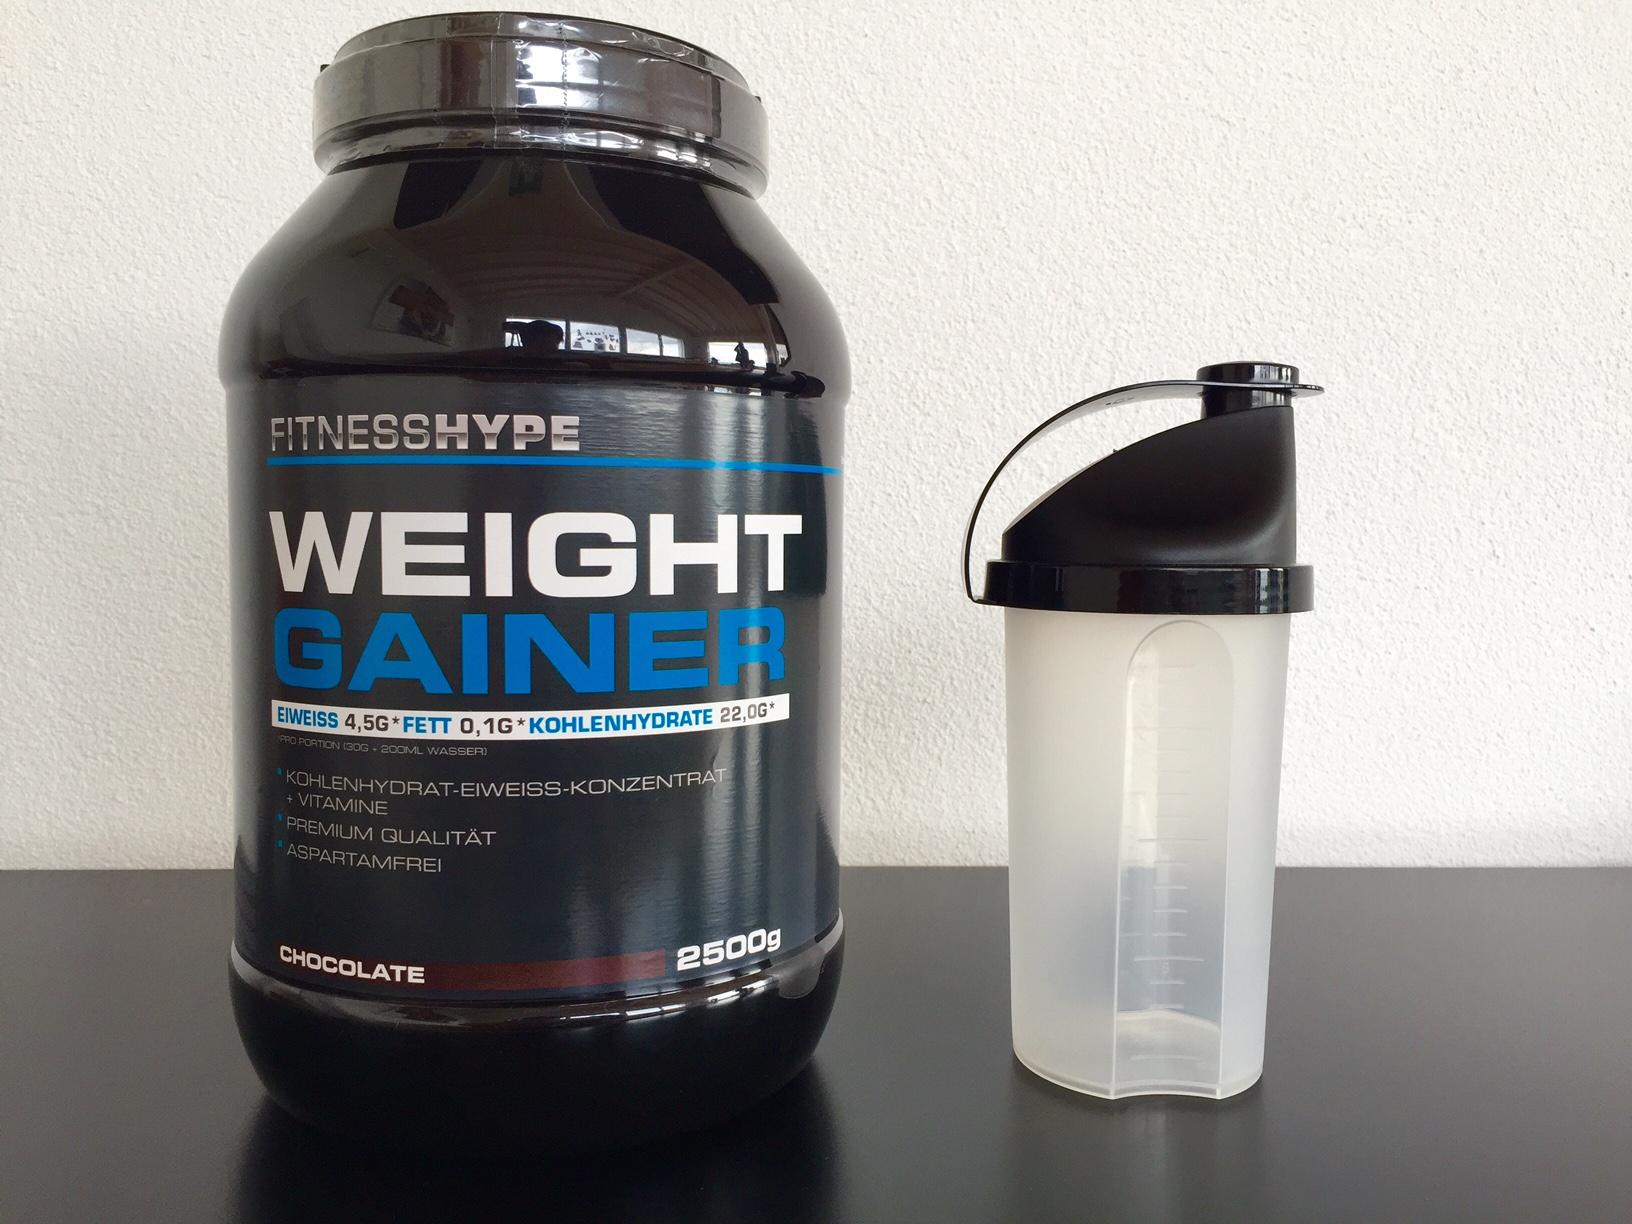 Getränke zum Zunehmen | Jetzt 5 bis 10 Kilo mehr Gewicht! - Fitnesshype